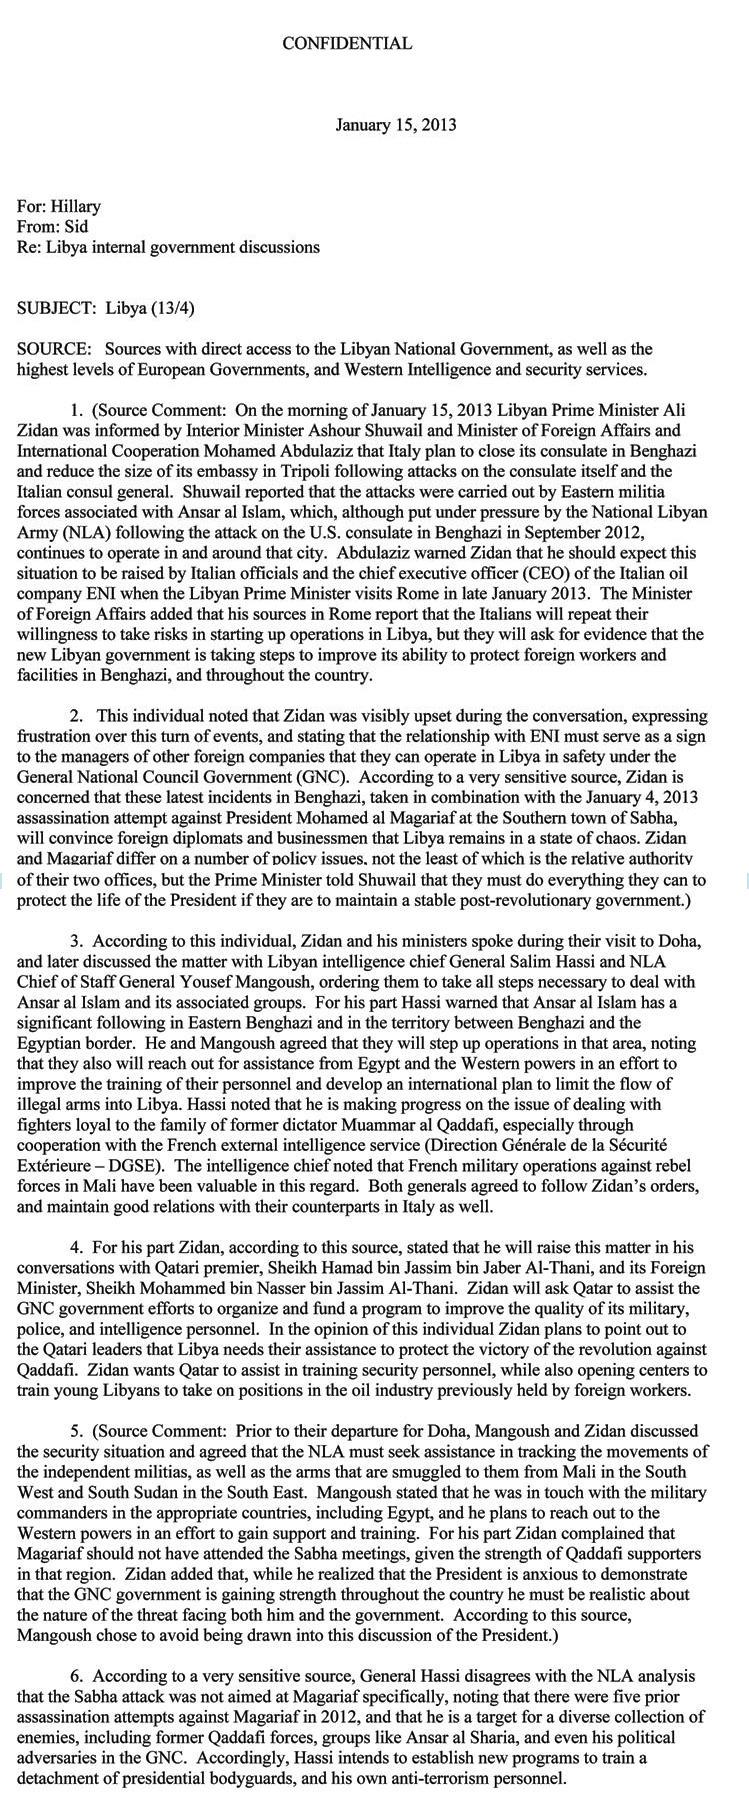 clinton libya memo